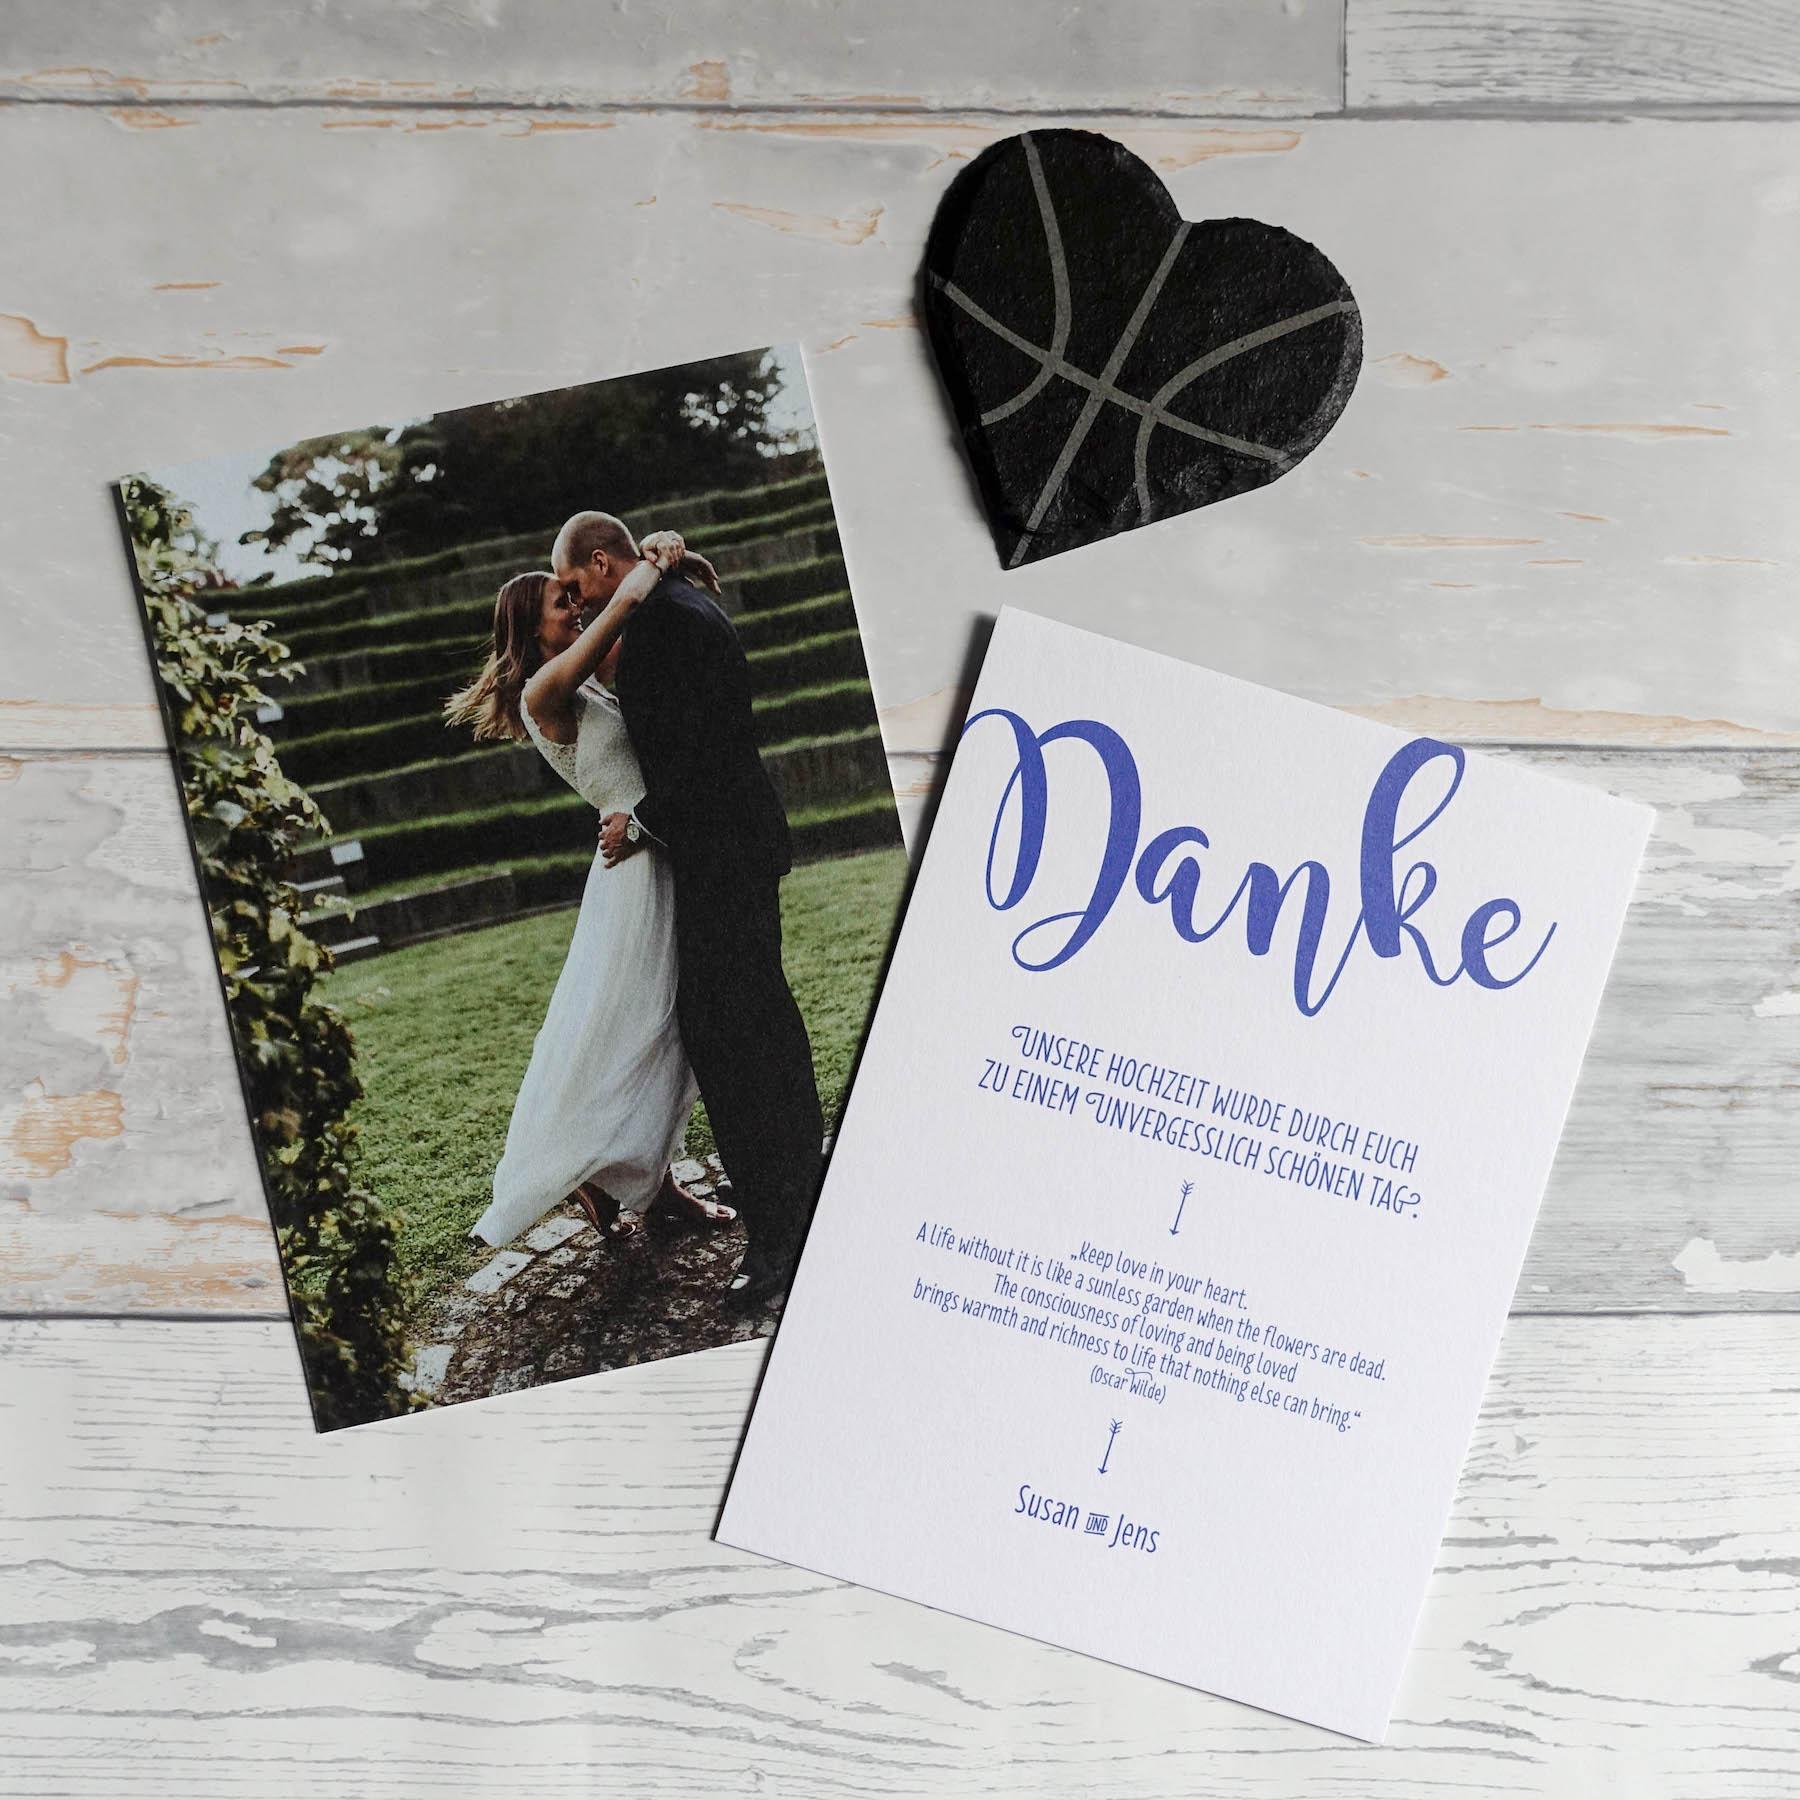 hochzeits-dankeskarten suelovesnyc_susan_fengler_blog_hamburg_hochzeits-dankeskarten-hochzeit